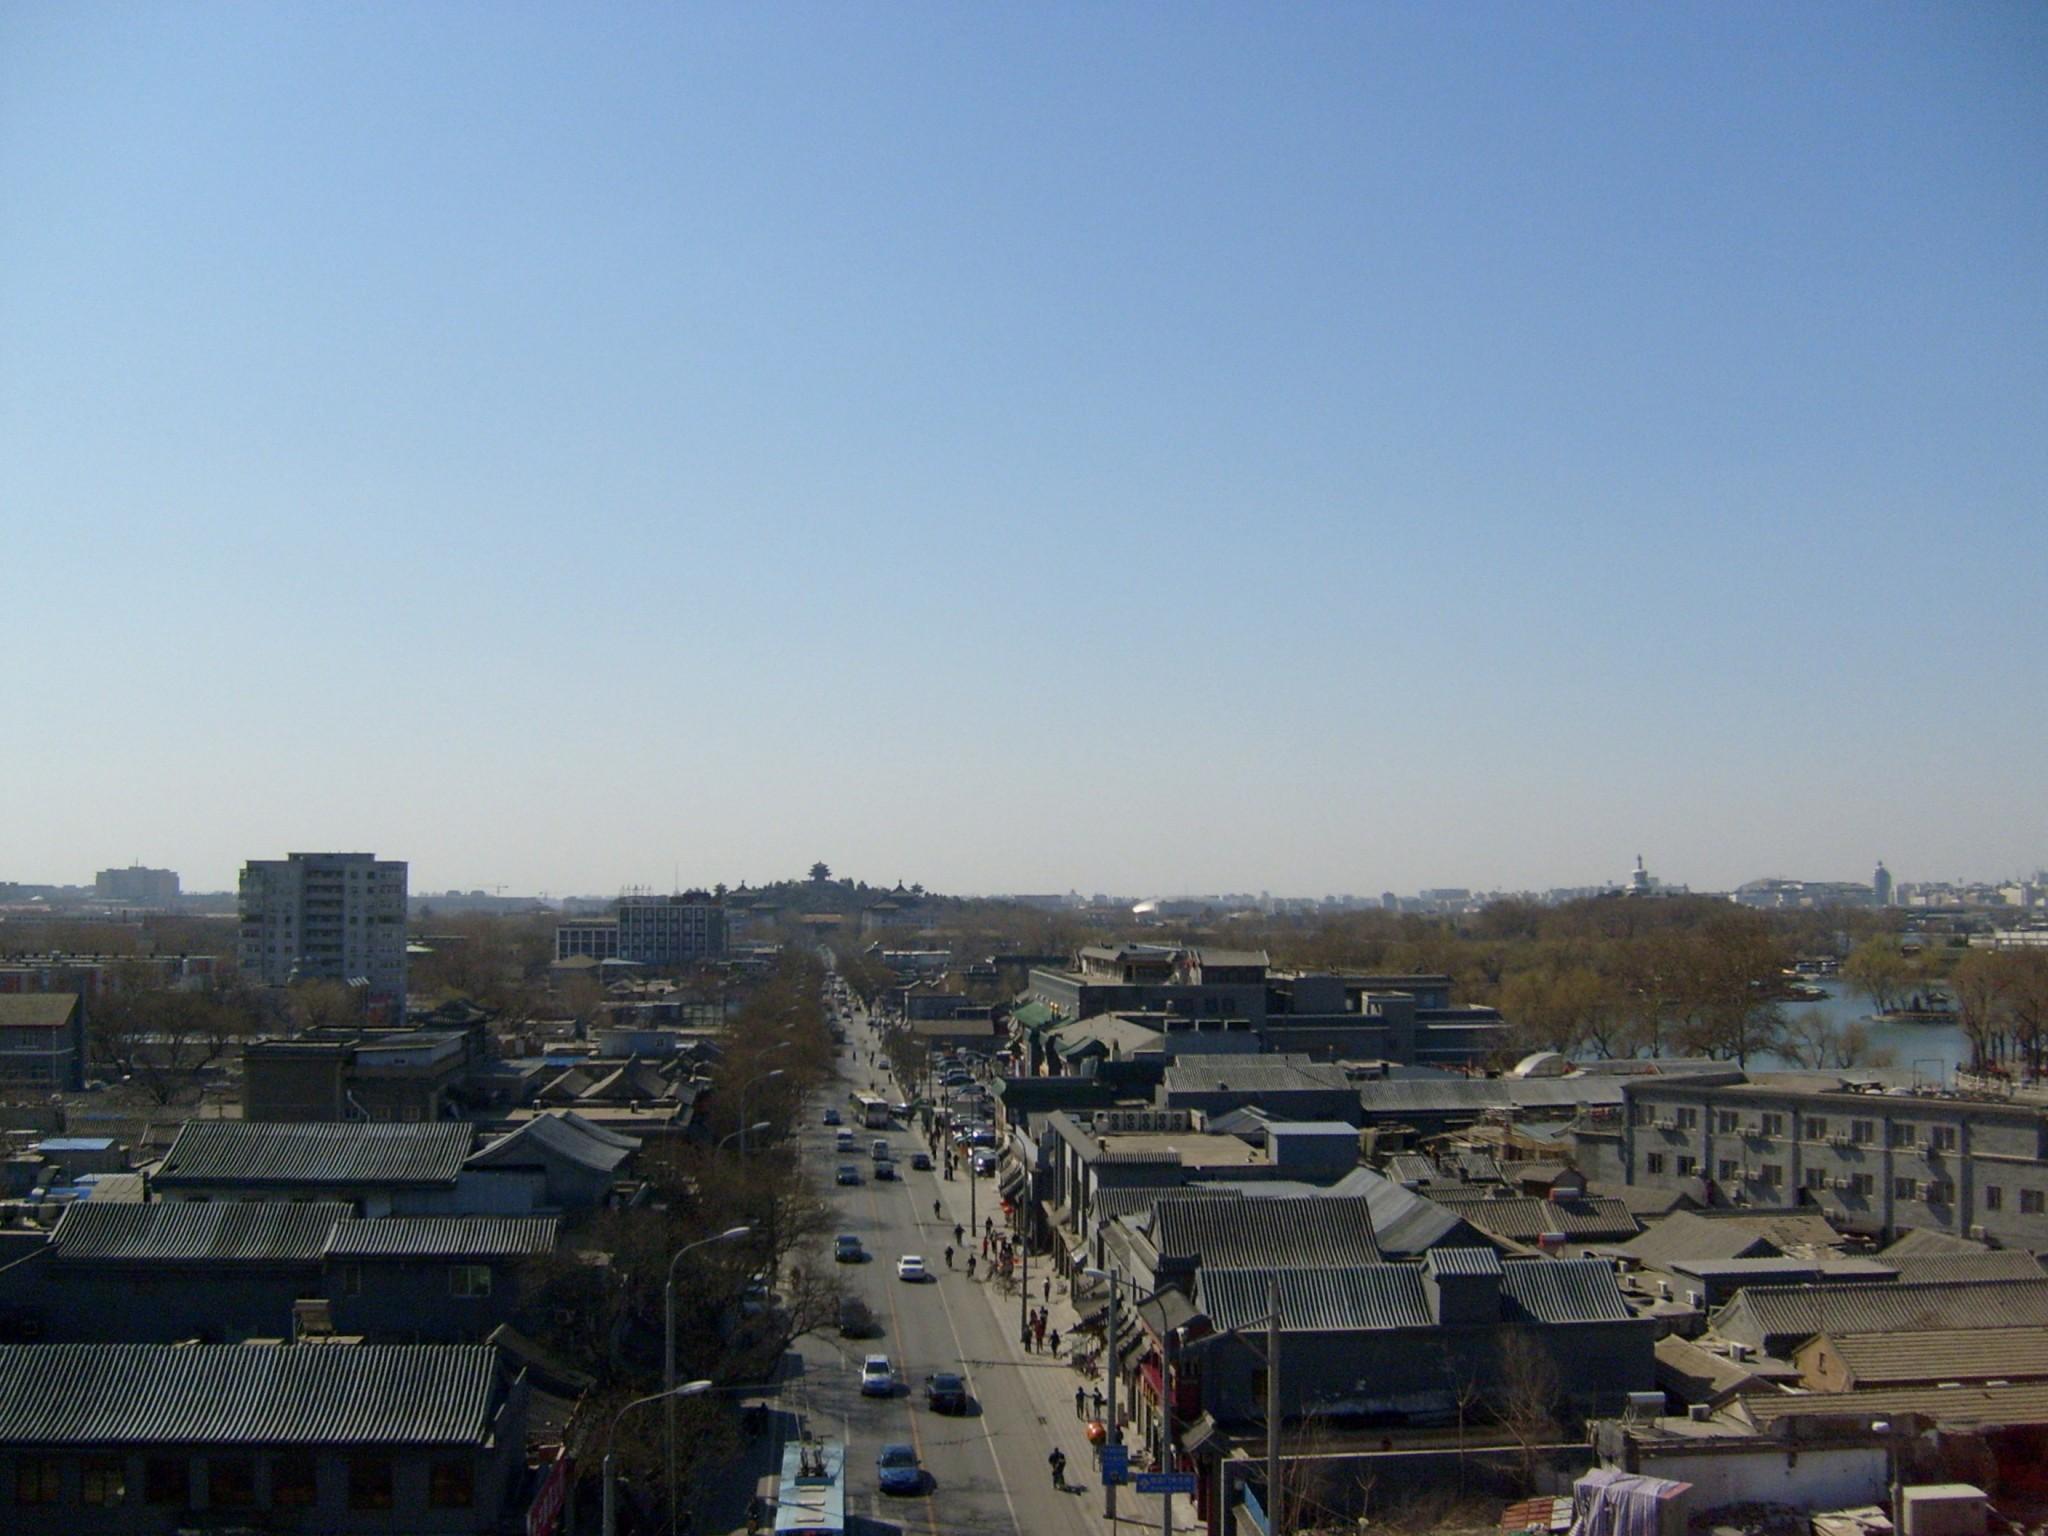 Peking_bell_tower nähtävyydet kellotorni rumputorni